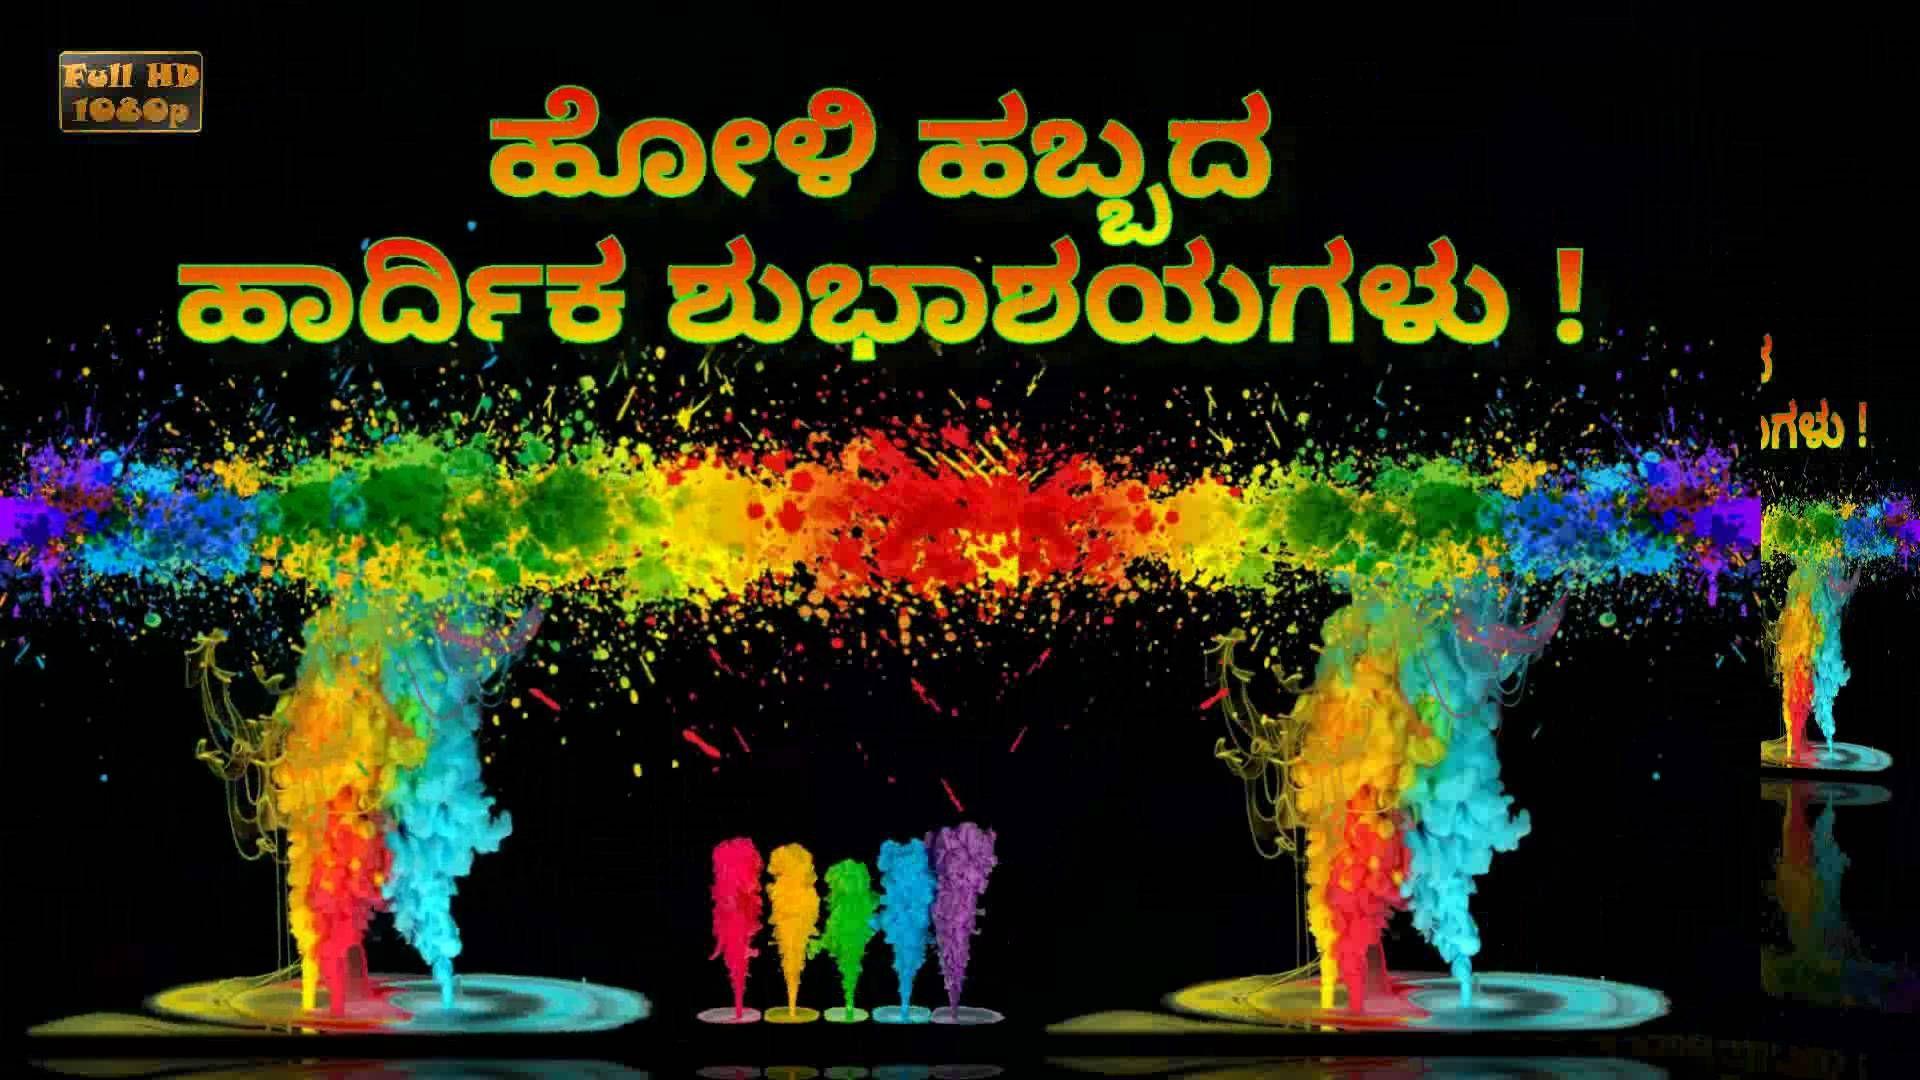 Happy Holi Wishes In Kannada Holi Greetings In Kannada Holi